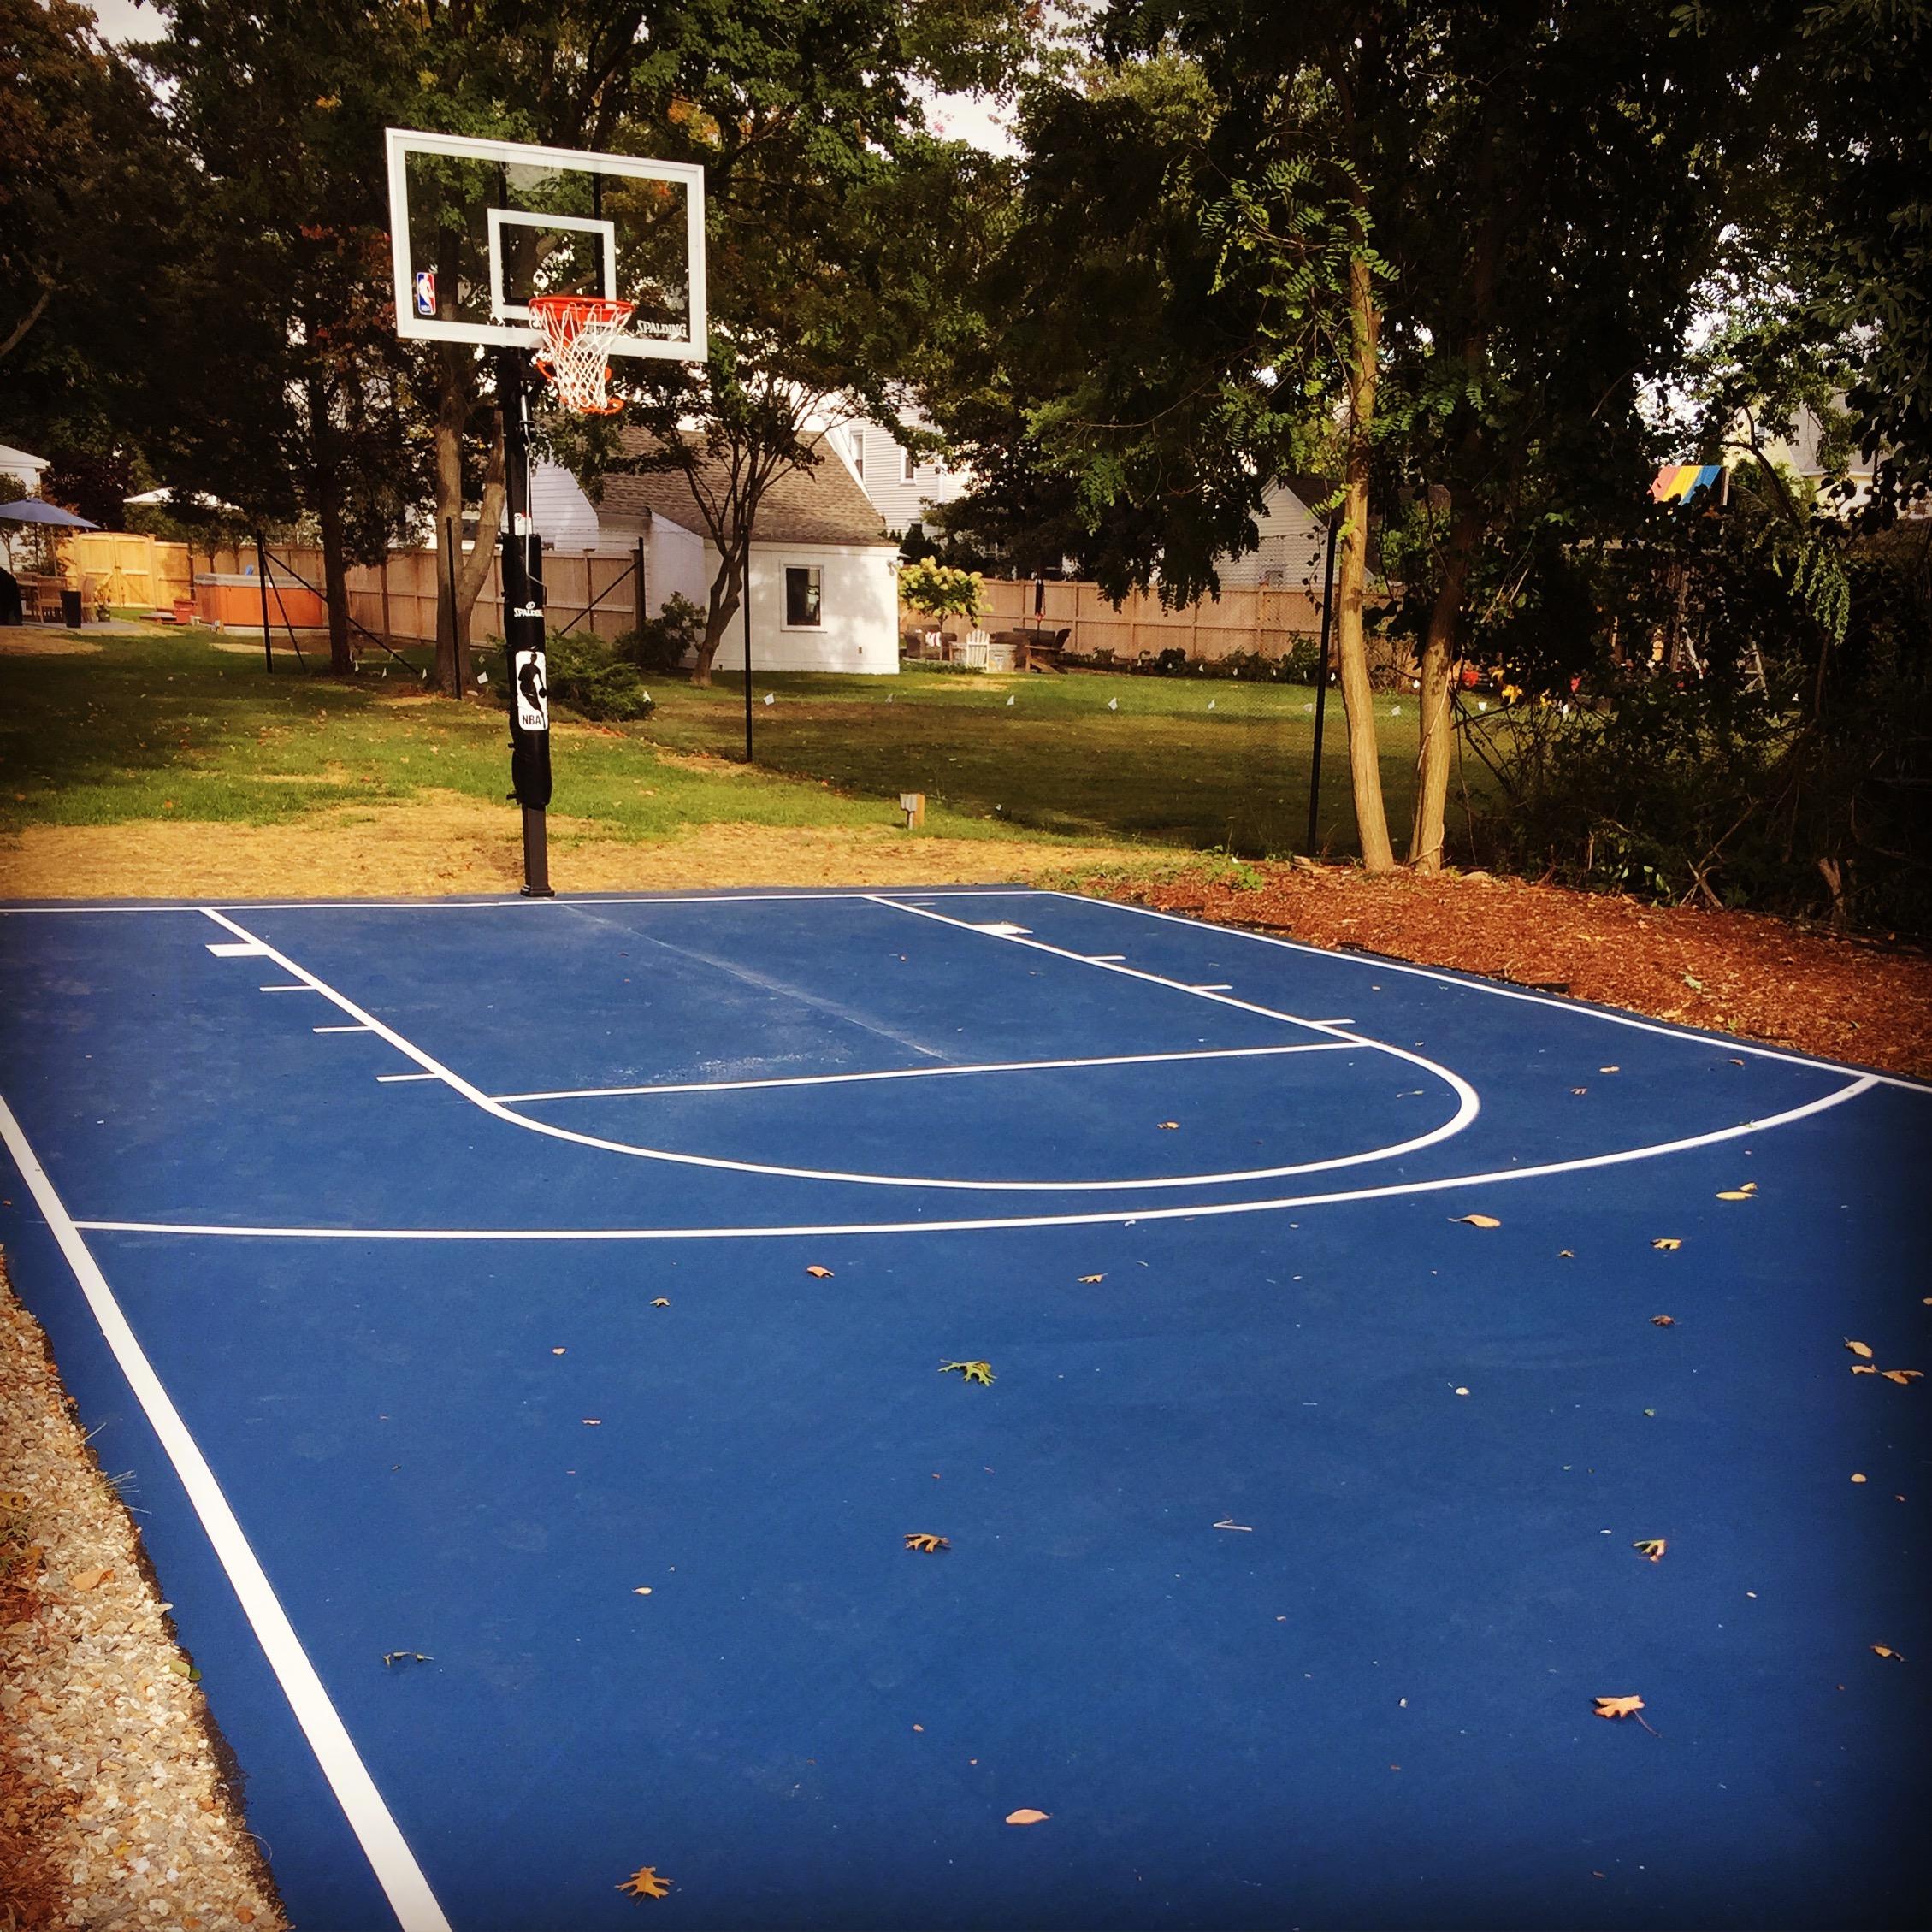 outdoor basketball court.jpg